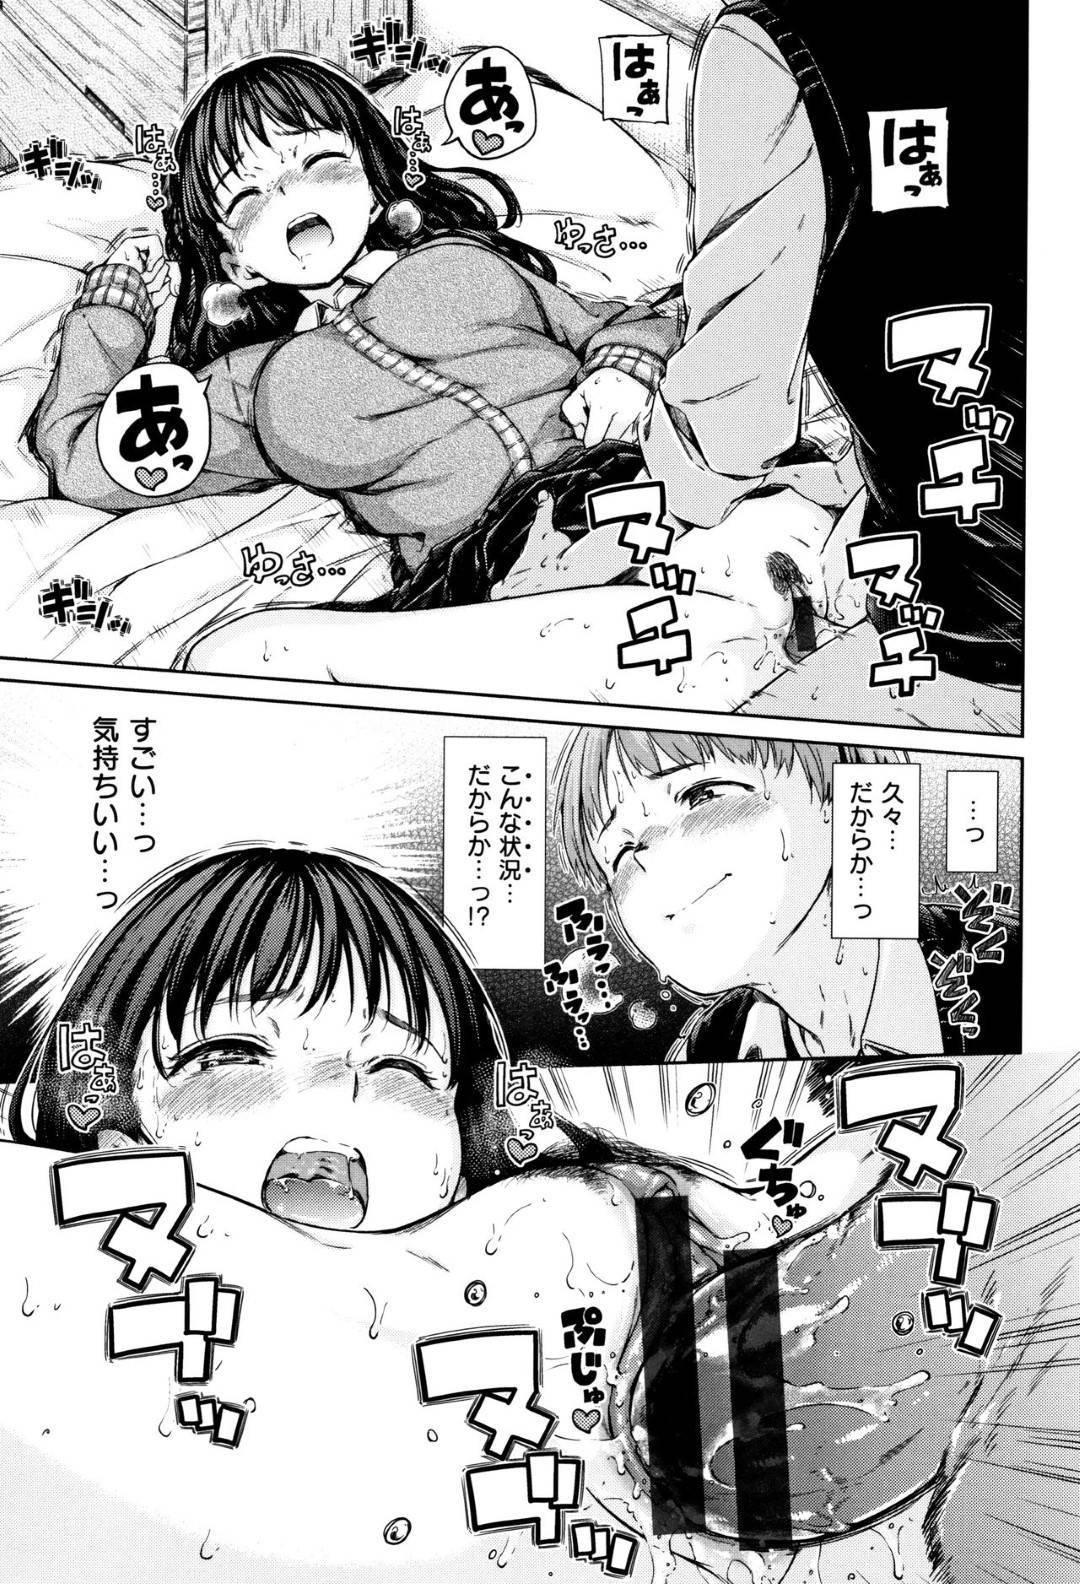 【エロ漫画】黒髪清楚でJK彼女の瑞希…彼氏の家に遊びに来た瑞希は、かまってオーラを出すも勉強に集中する彼氏にかまってもらえず拗ねてしまう。寝たふりしてエッチに誘惑すると、彼氏に足やパンツ越しにキスをされムラムラ!足を浮かせてパンツを脱がさせると、手マンされイッてしまう!瑞希は、彼氏に生ハメされイチャラブセックスでアクメする!【Hamao:Look at me!】